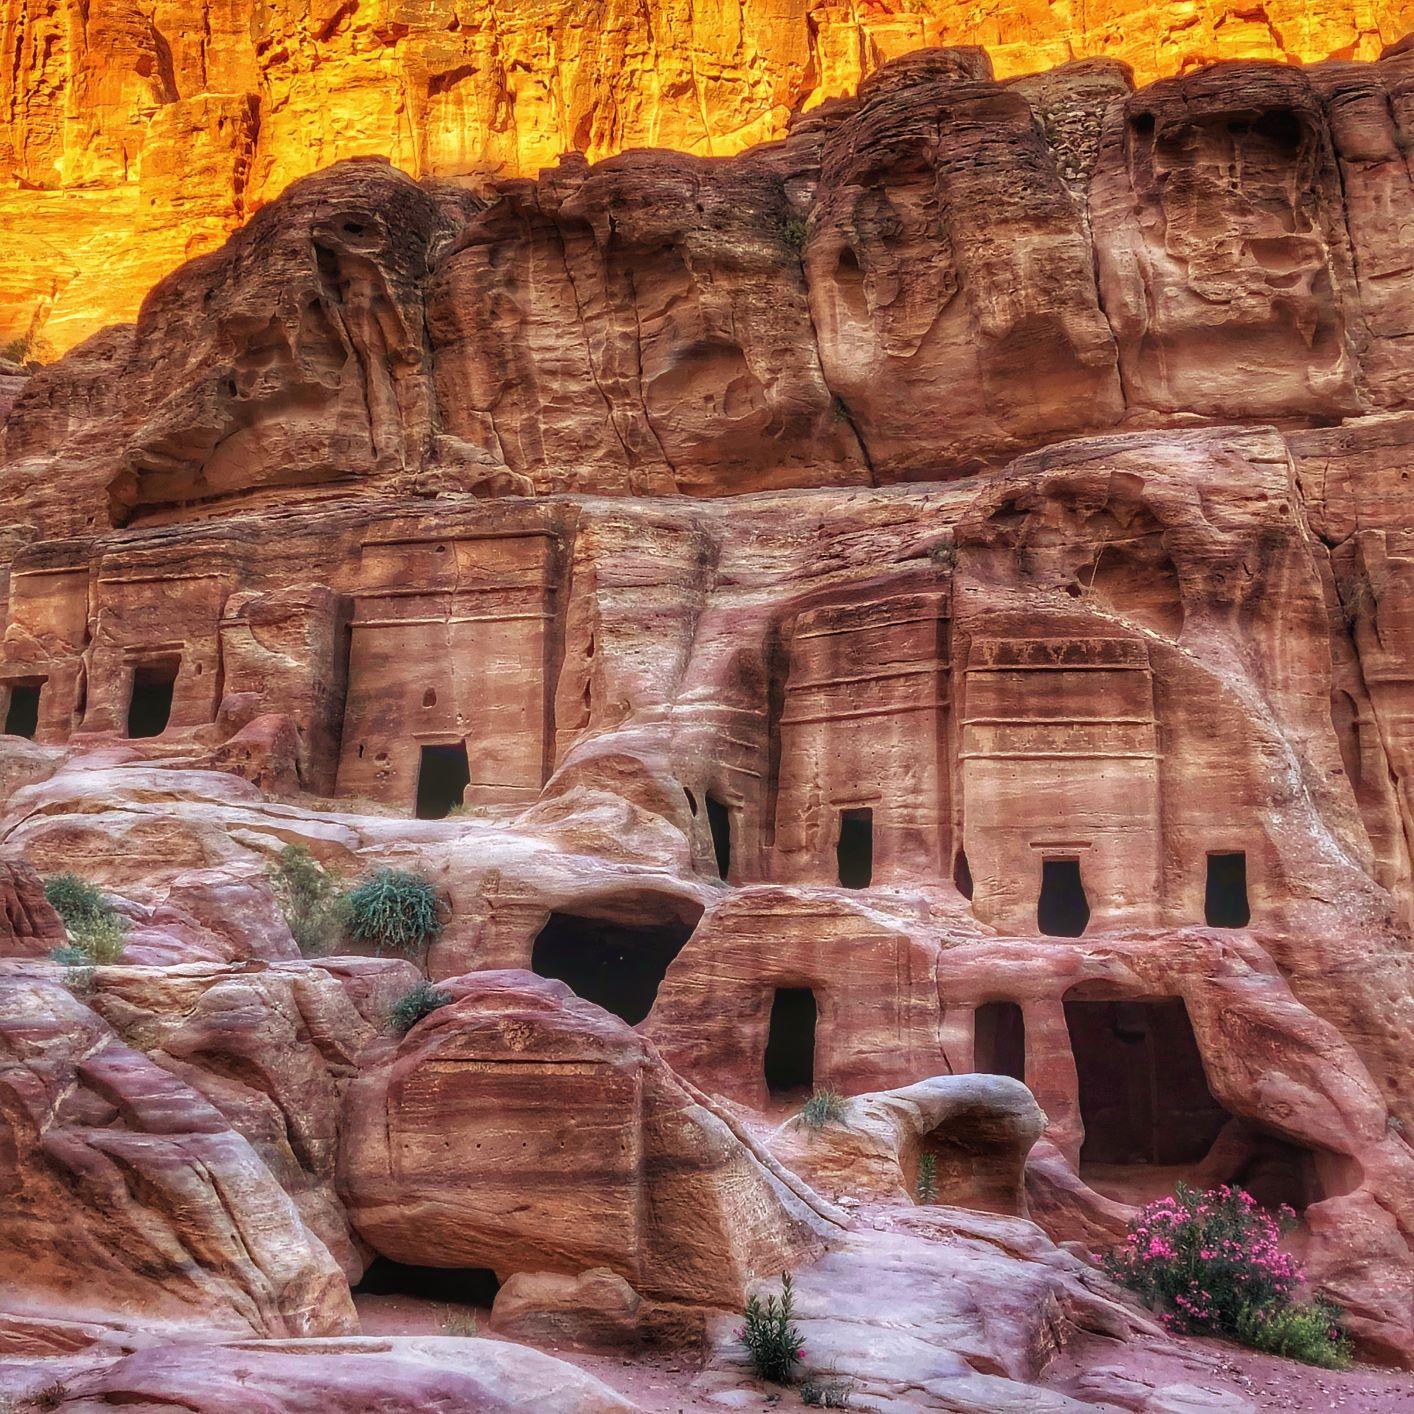 Tombs at Petra